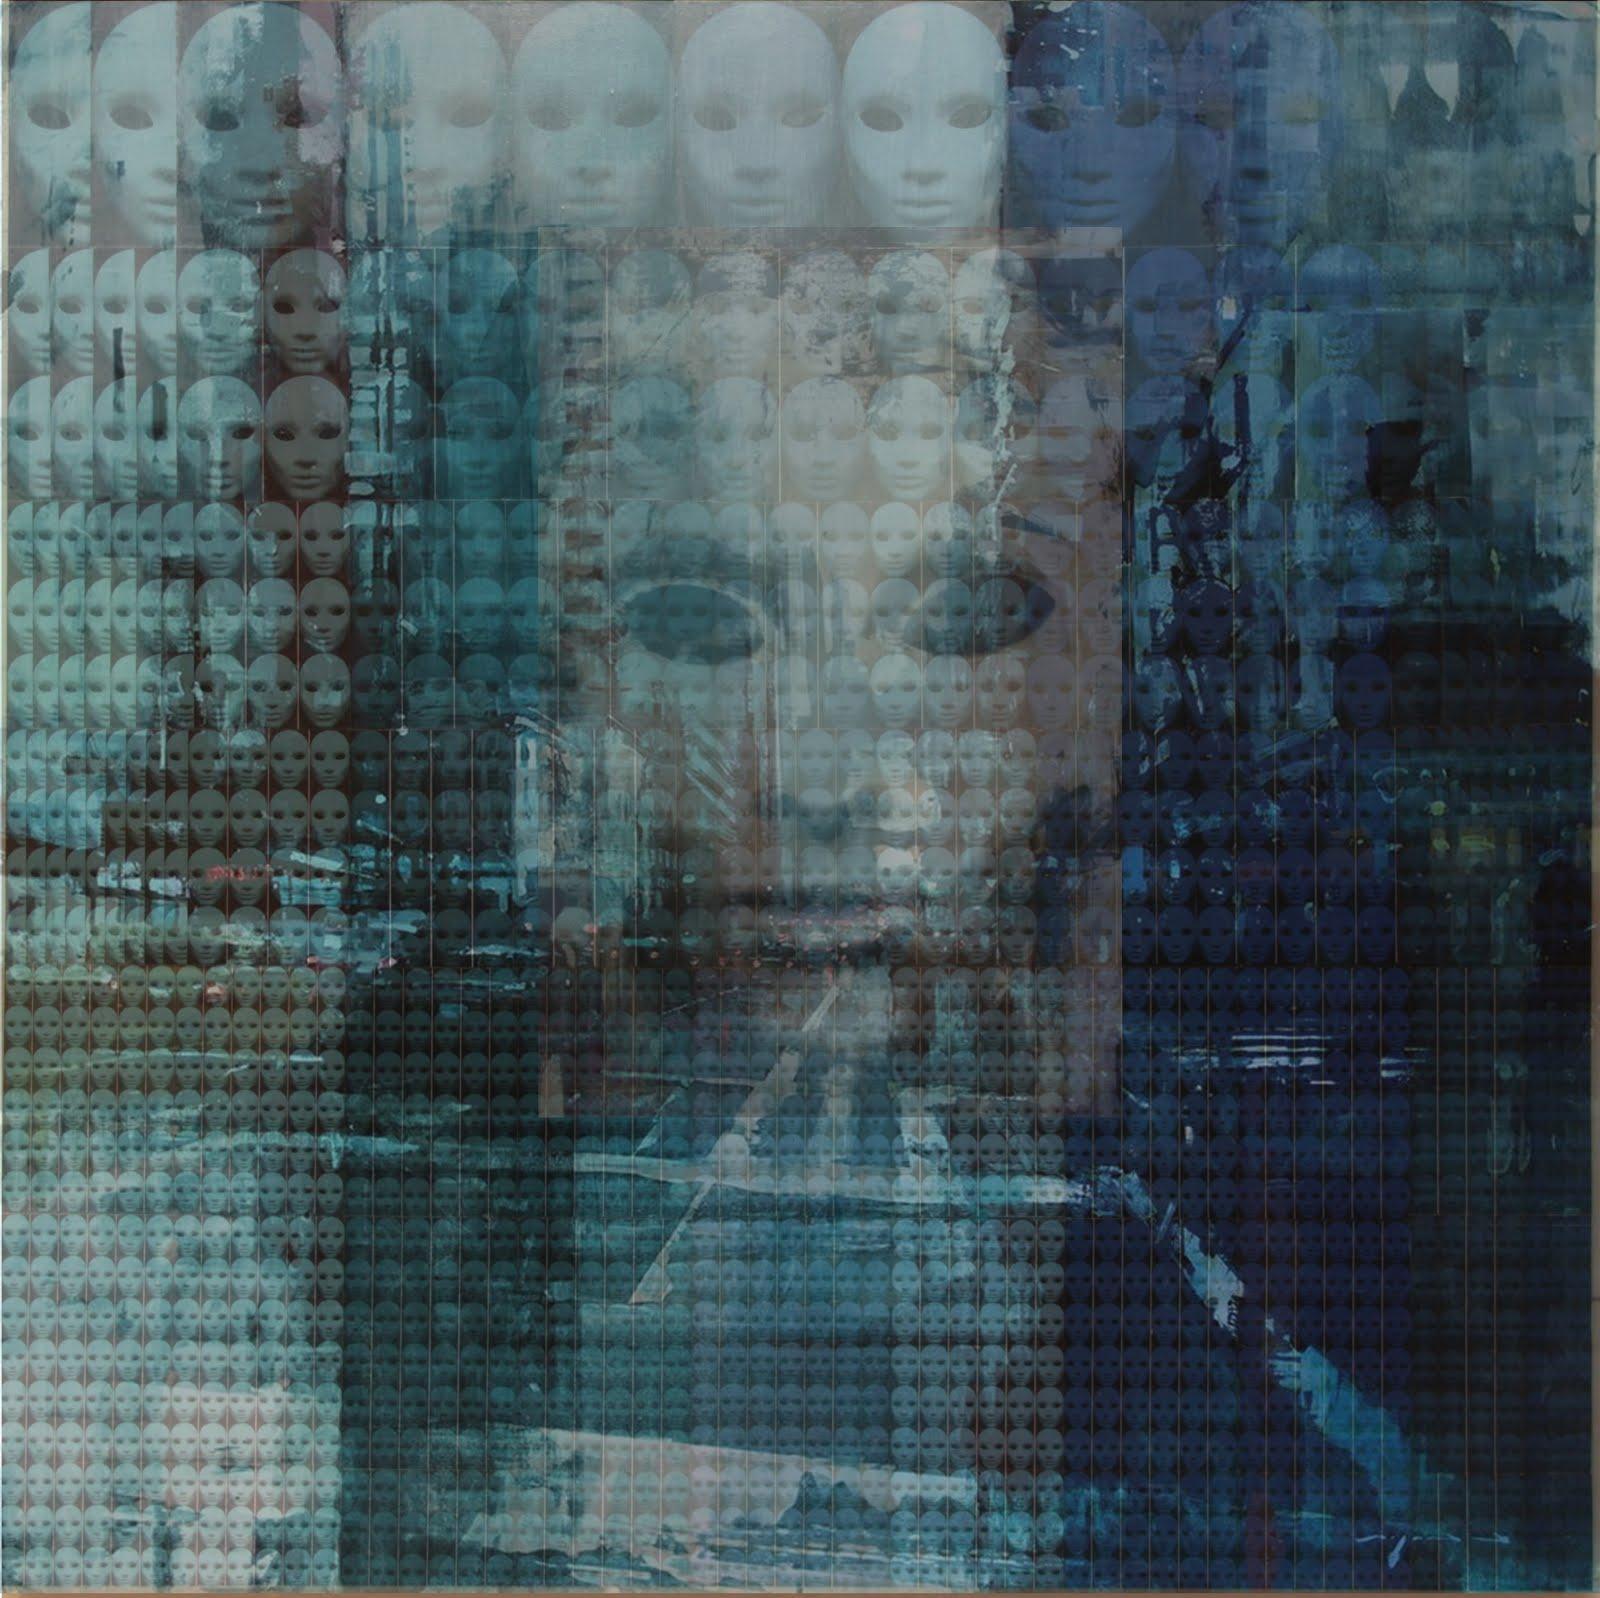 Solange Alves, Fractal 1: Todo Universo é Fractal, Colagem / Acrílica Sobre Madeira, 140X140 cm